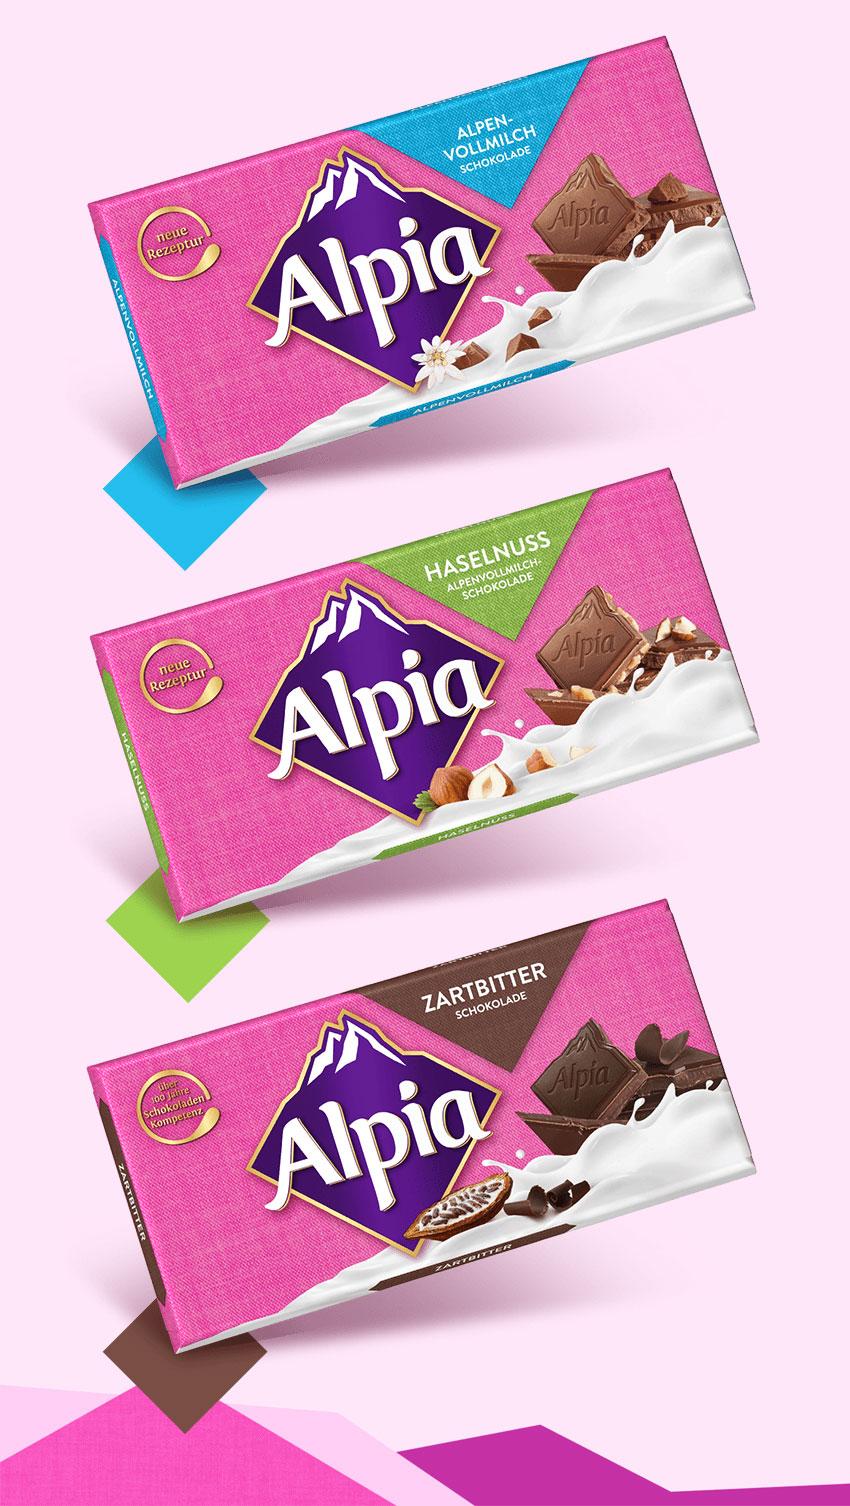 德国巧克力品牌 Alpia(欧派)启用新LOGO